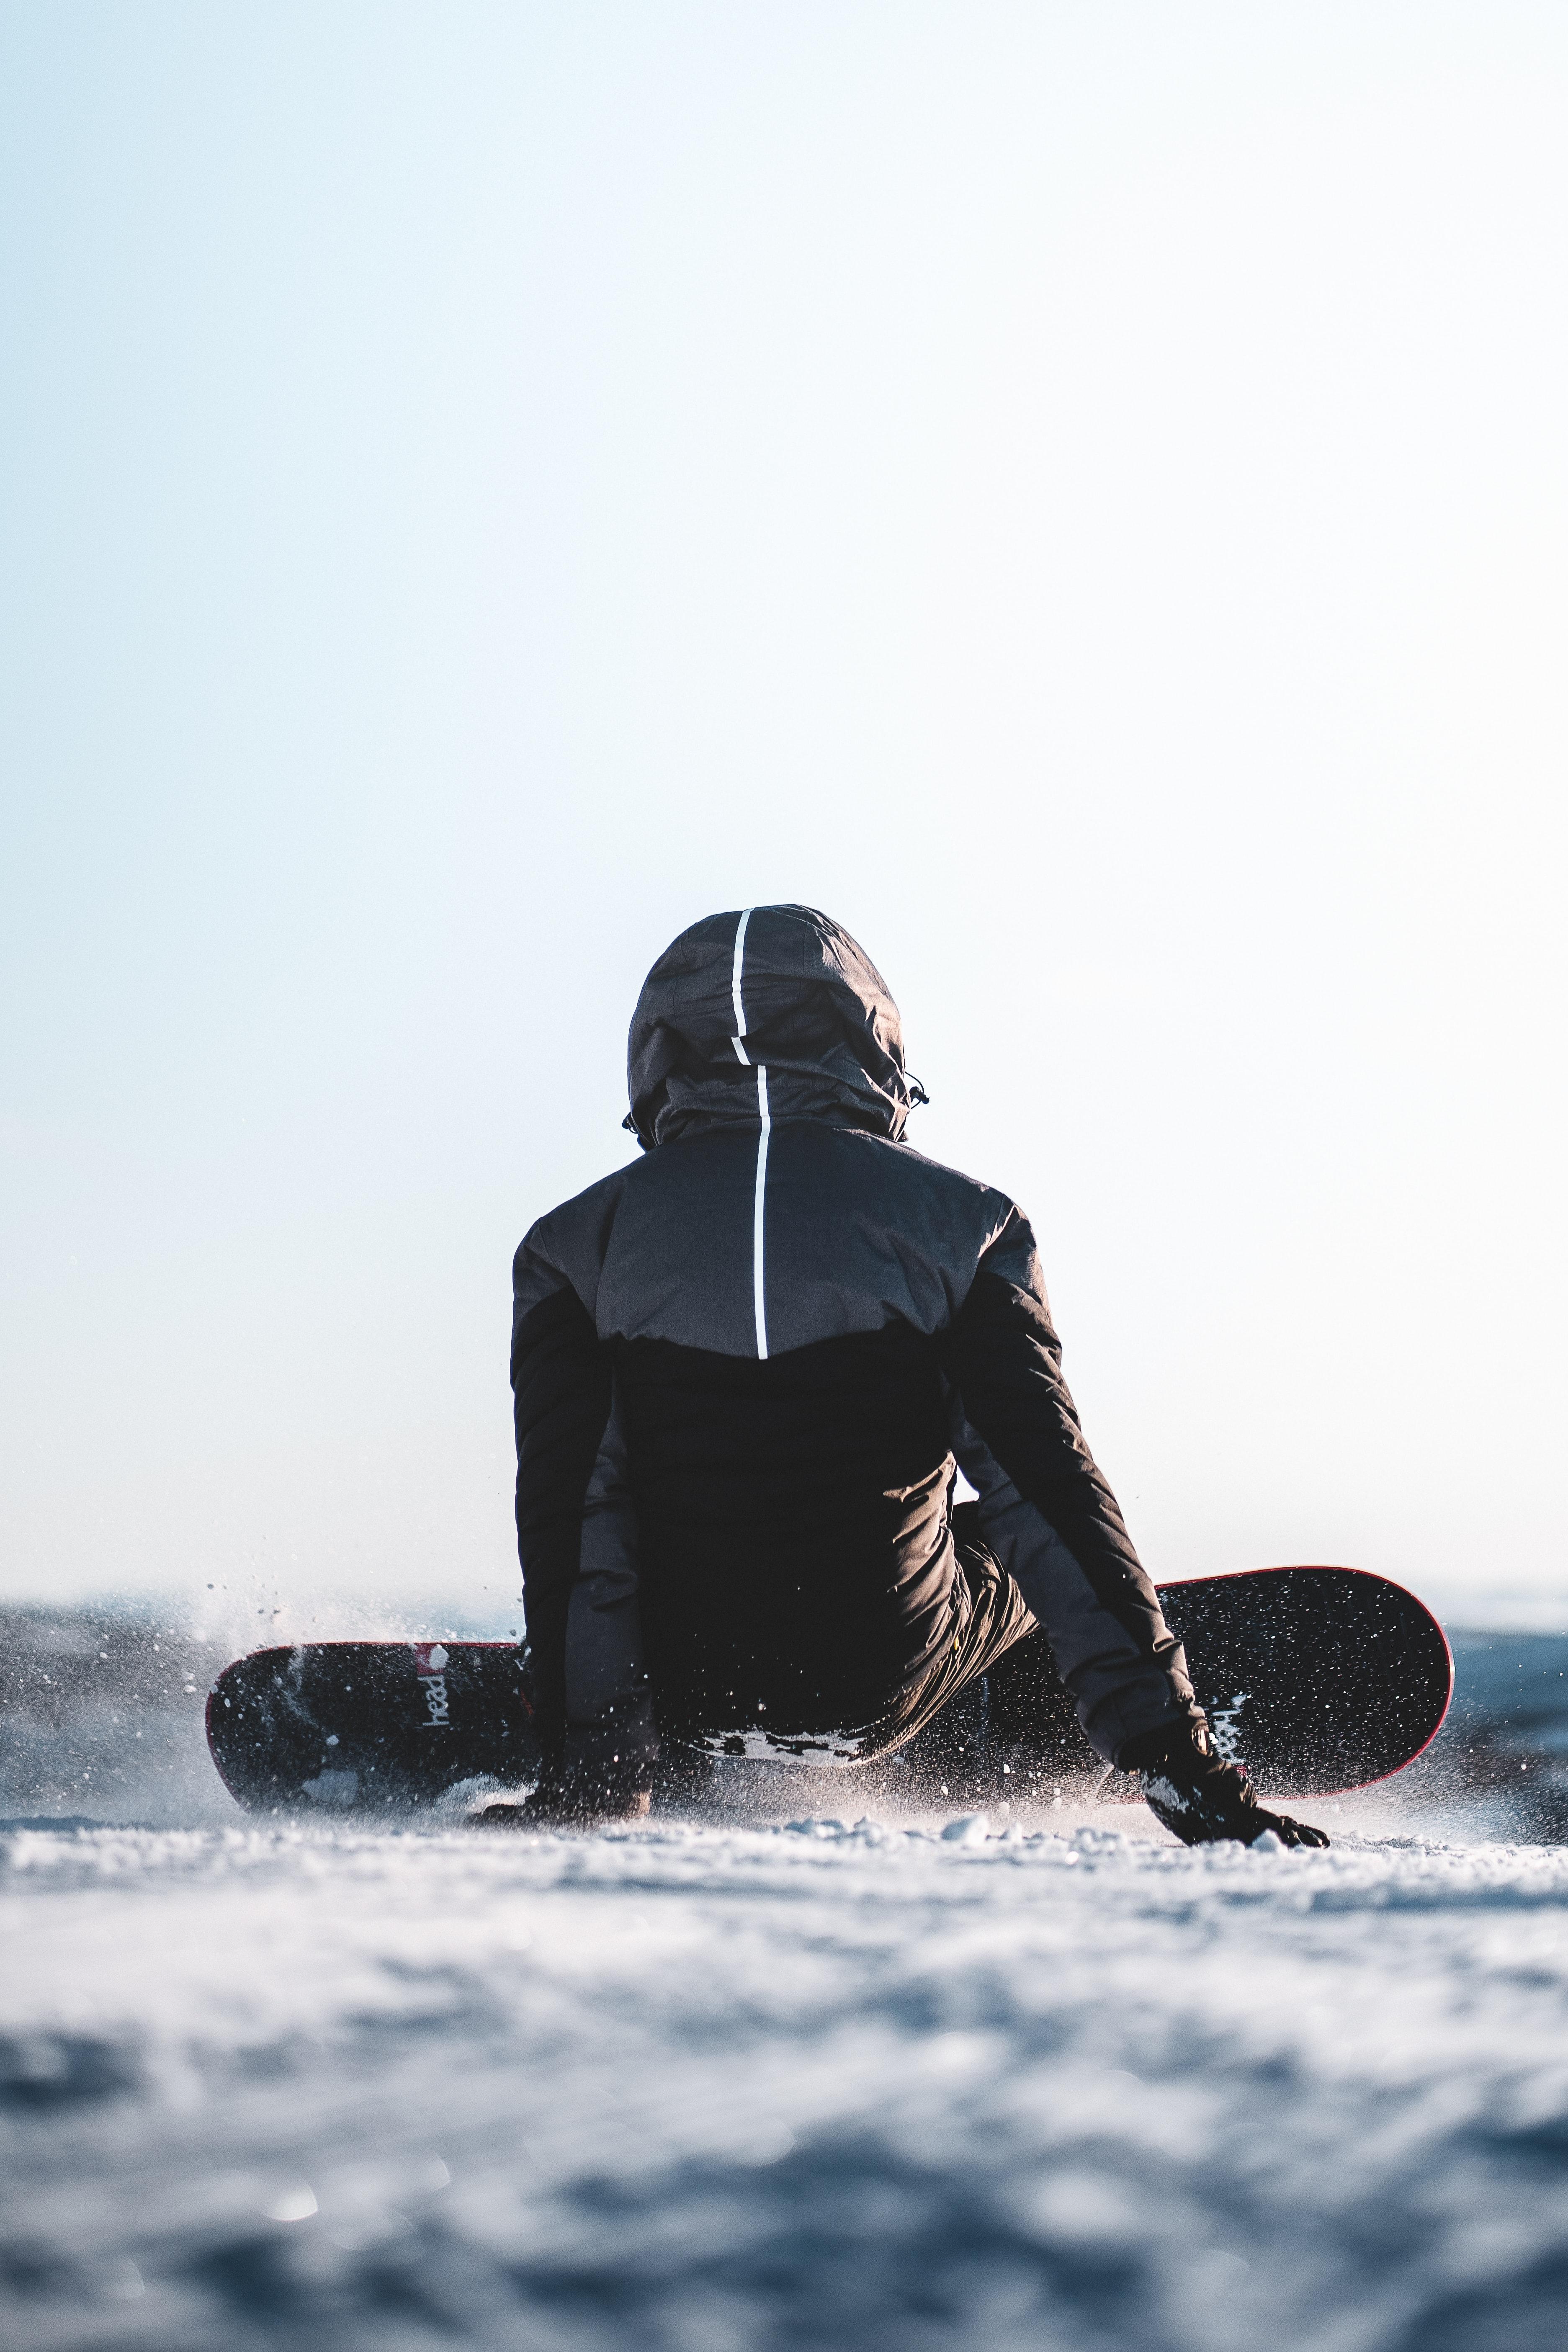 waterproofing ski jacket